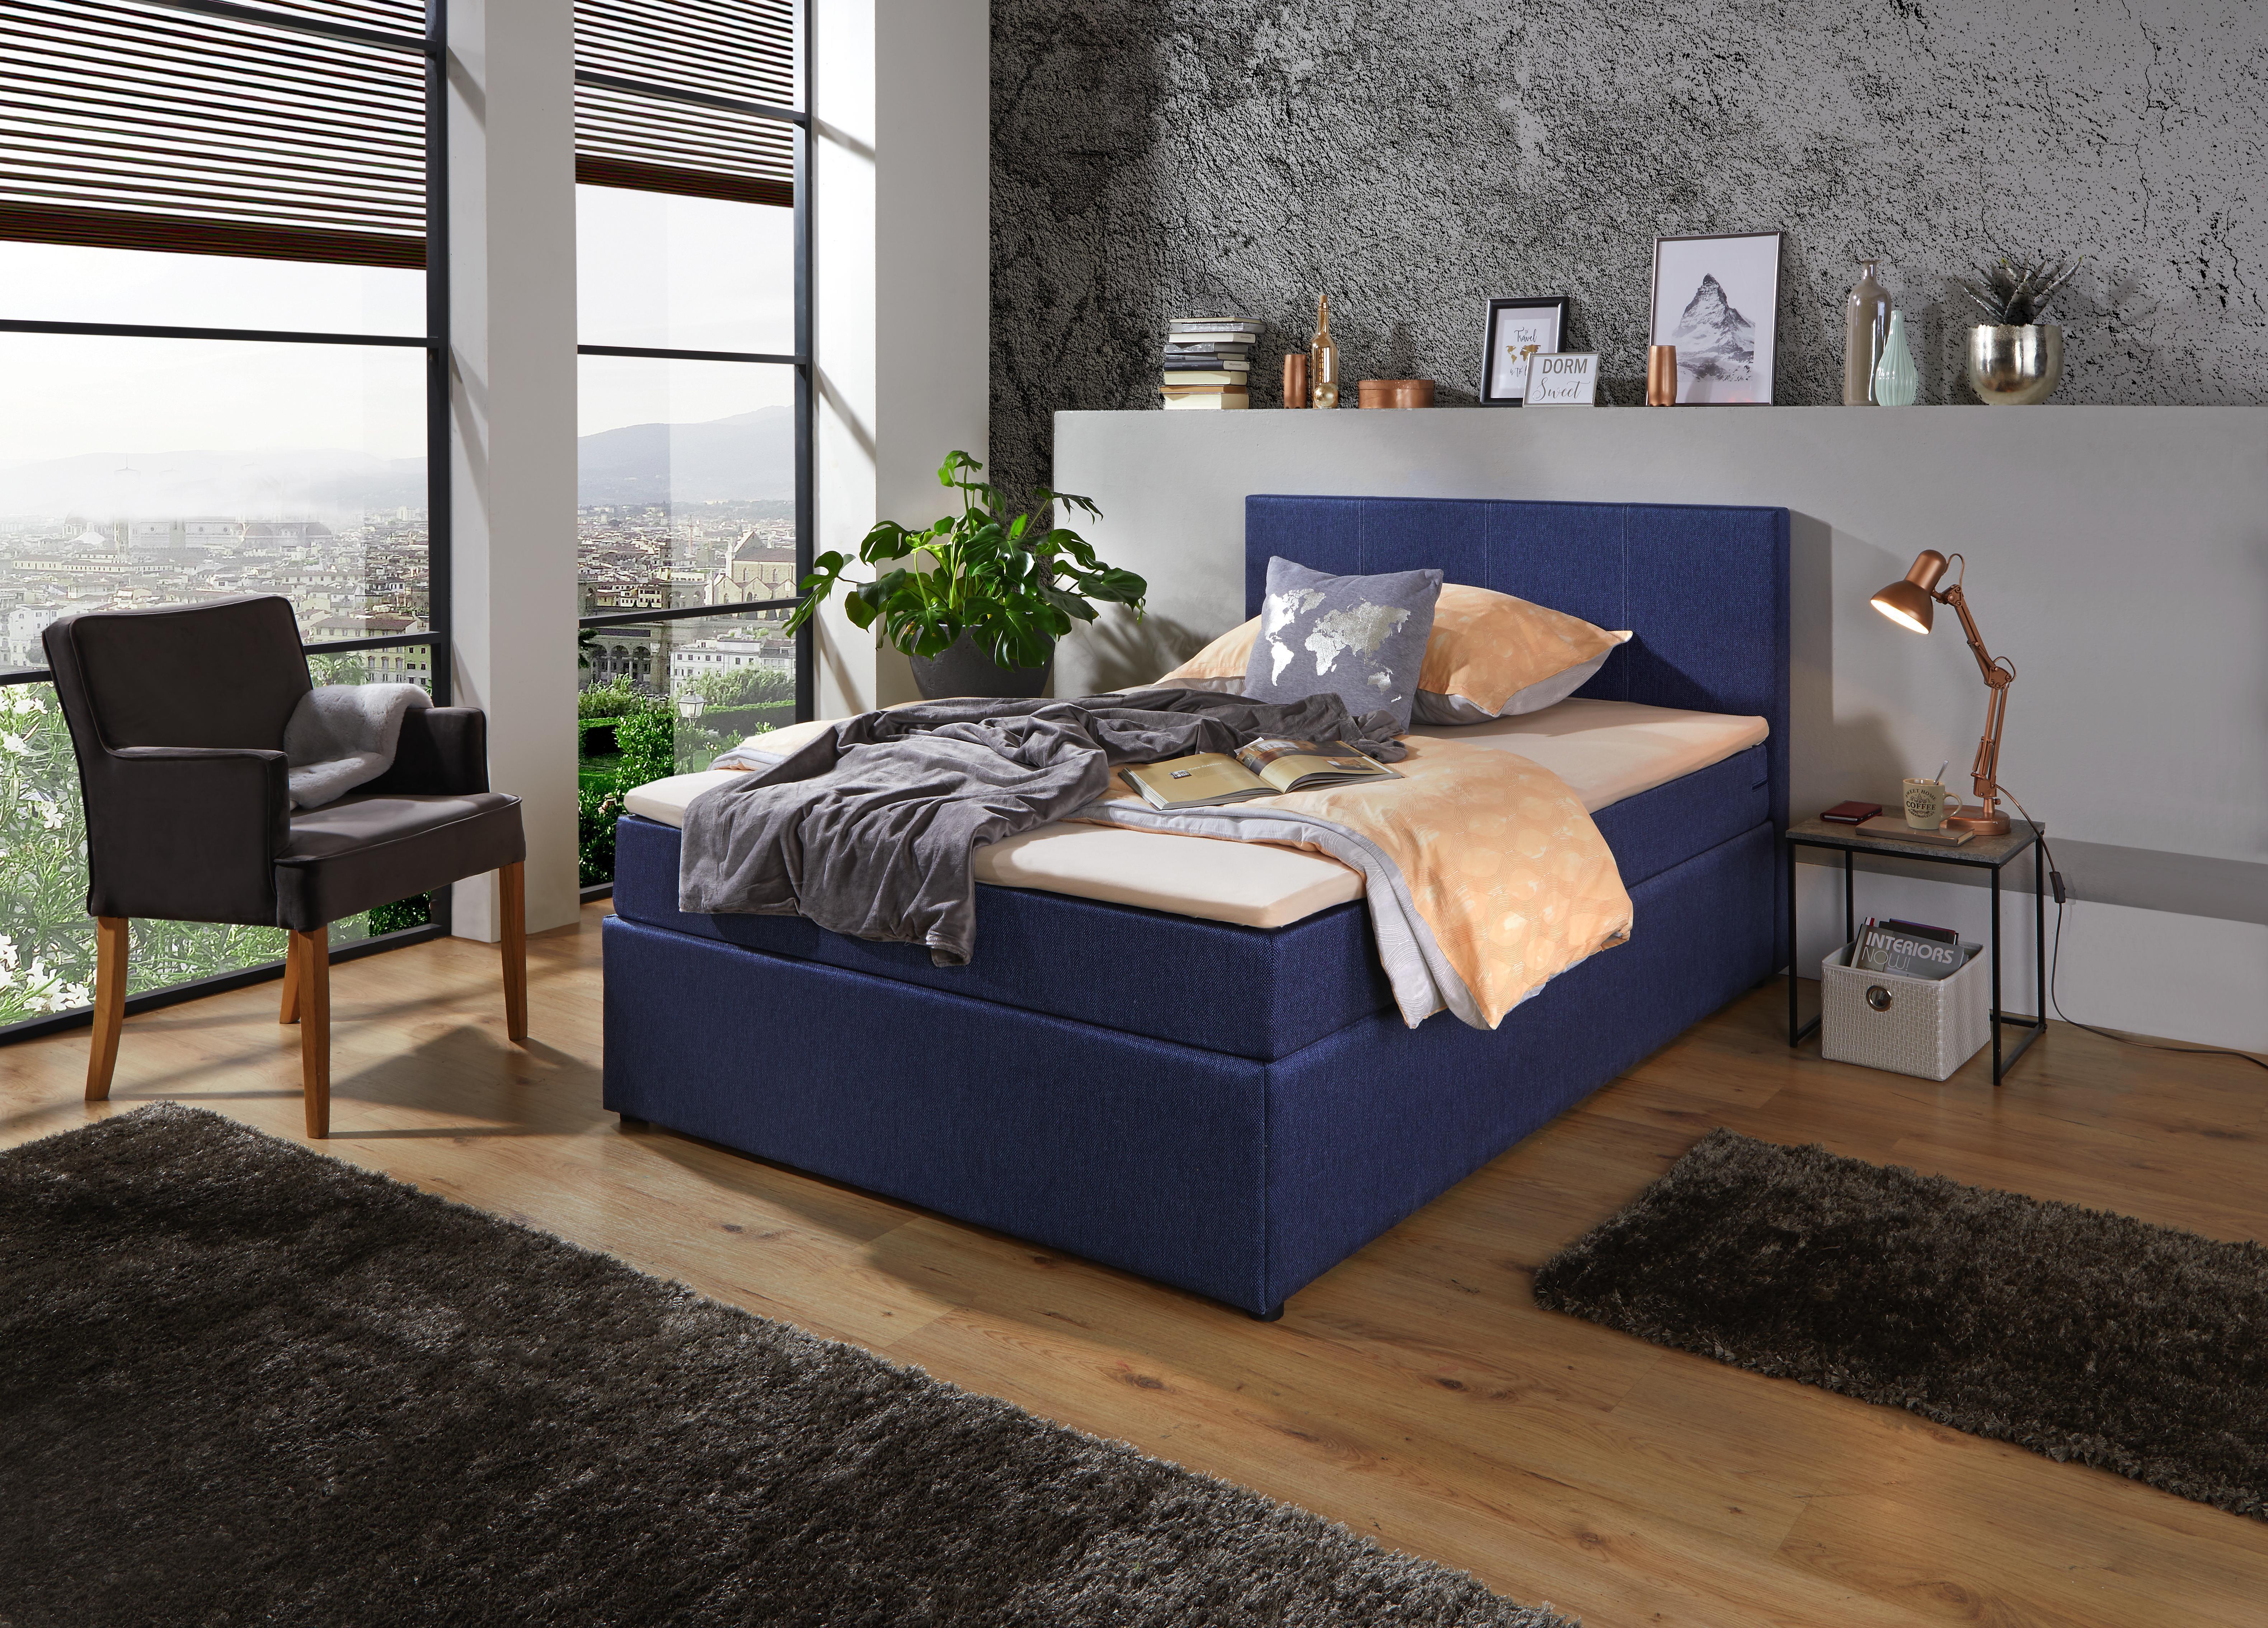 schlafzimmer berbauschr nke bettw sche raupe nimmersatt. Black Bedroom Furniture Sets. Home Design Ideas